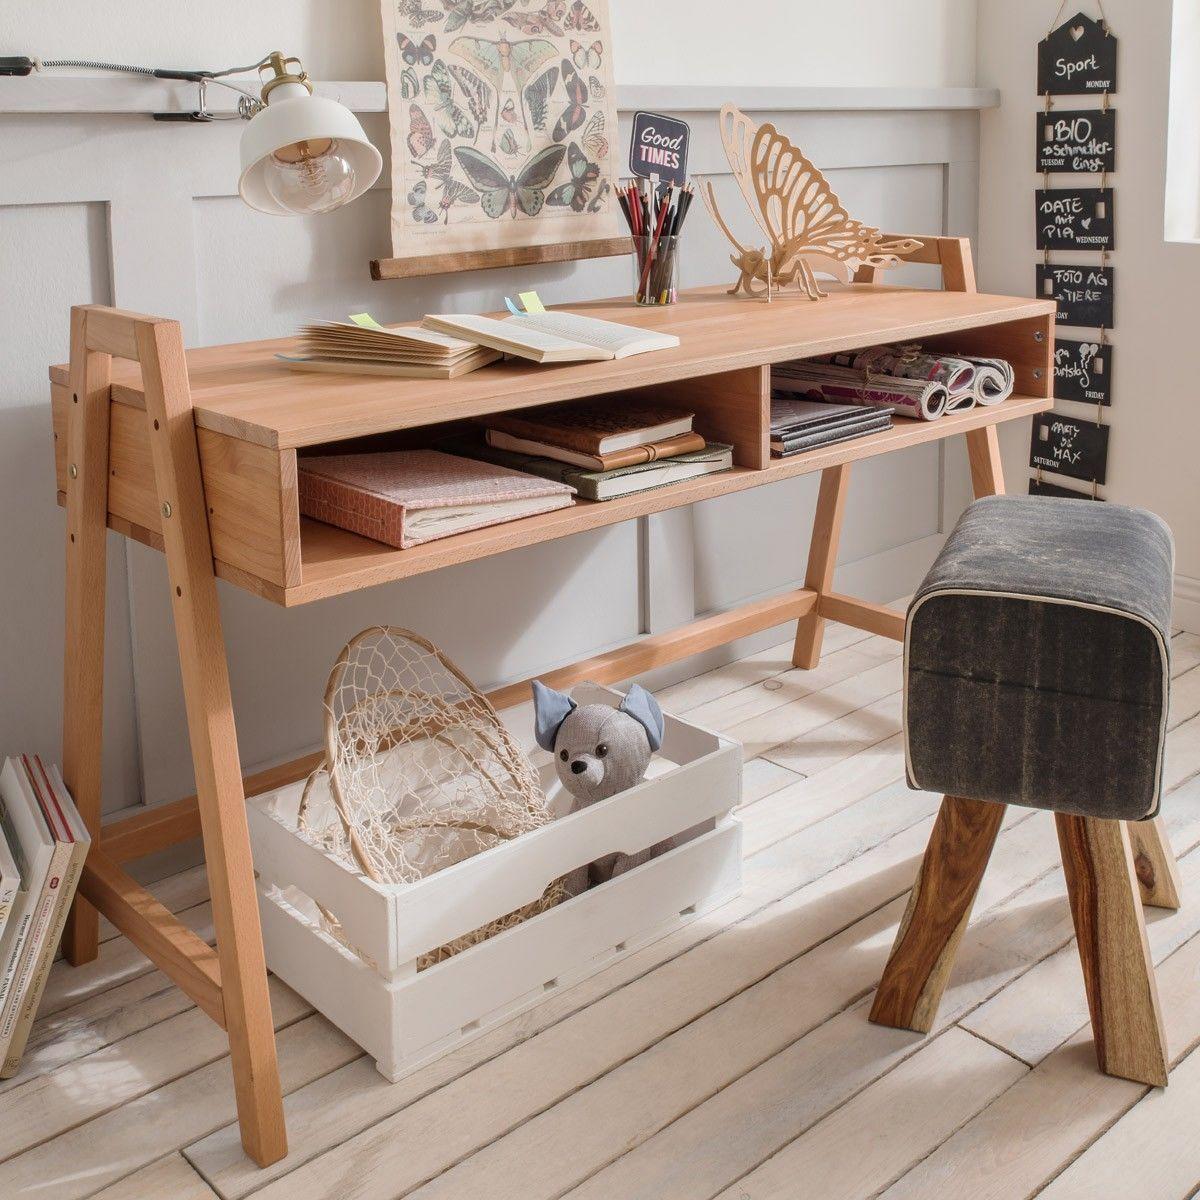 h henverstellbarer schreibtisch 814 aus buche pinterest kinderschreibtisch buchenholz und. Black Bedroom Furniture Sets. Home Design Ideas